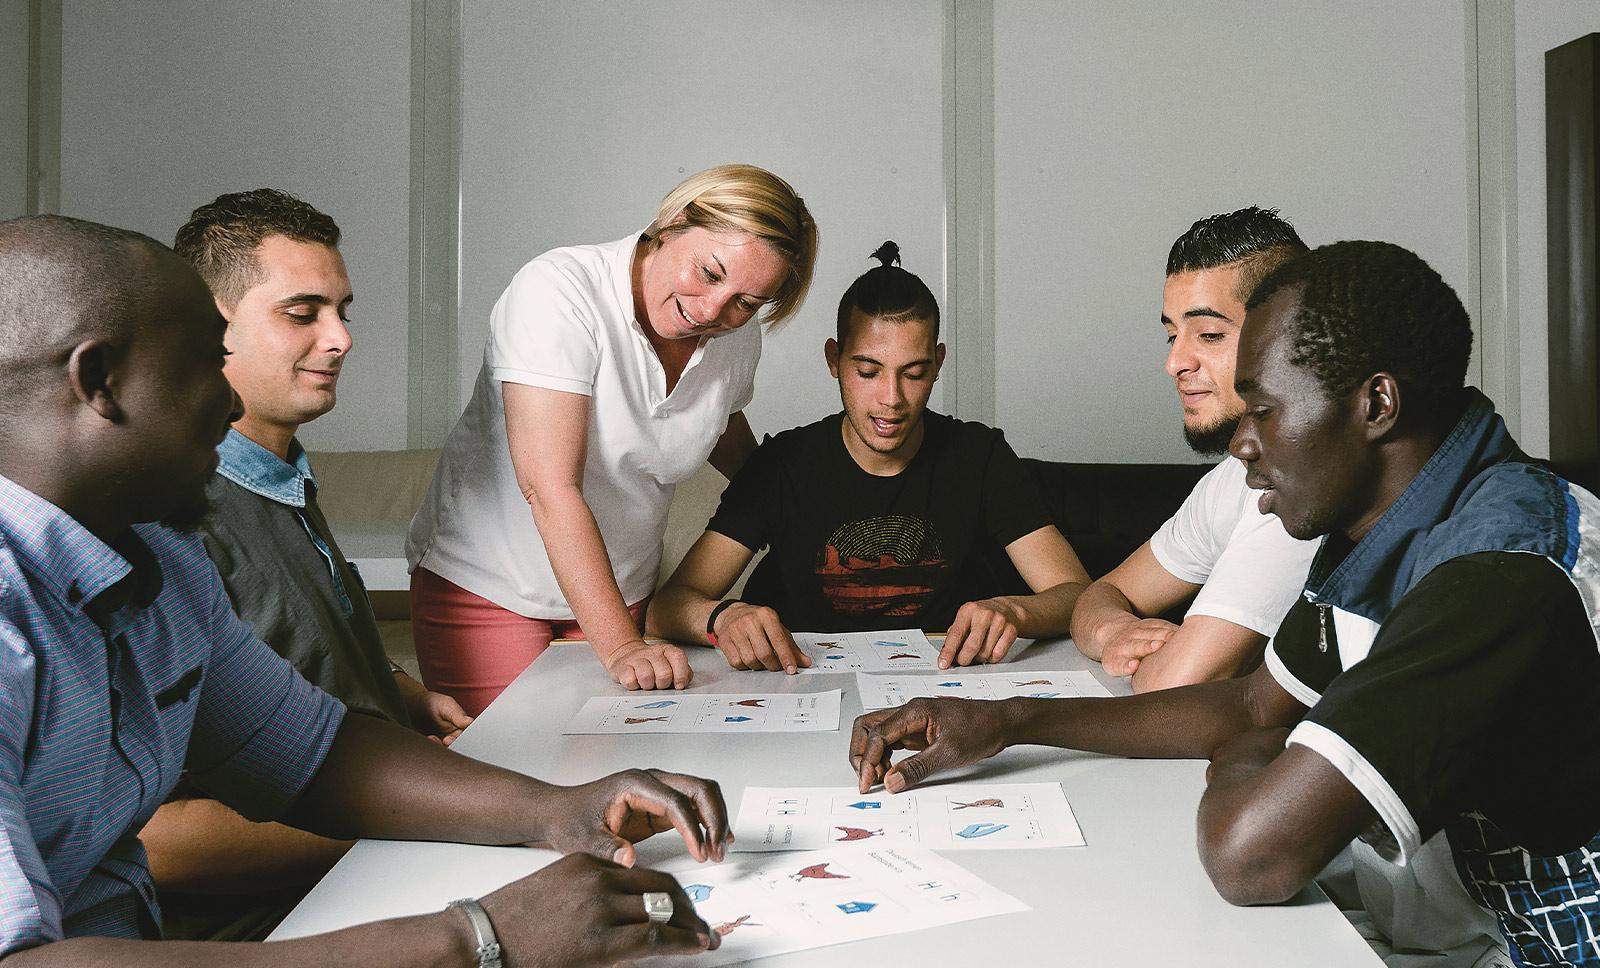 Betreuung und Vernetzung ehrenamtliche Flüchtlingshilfe